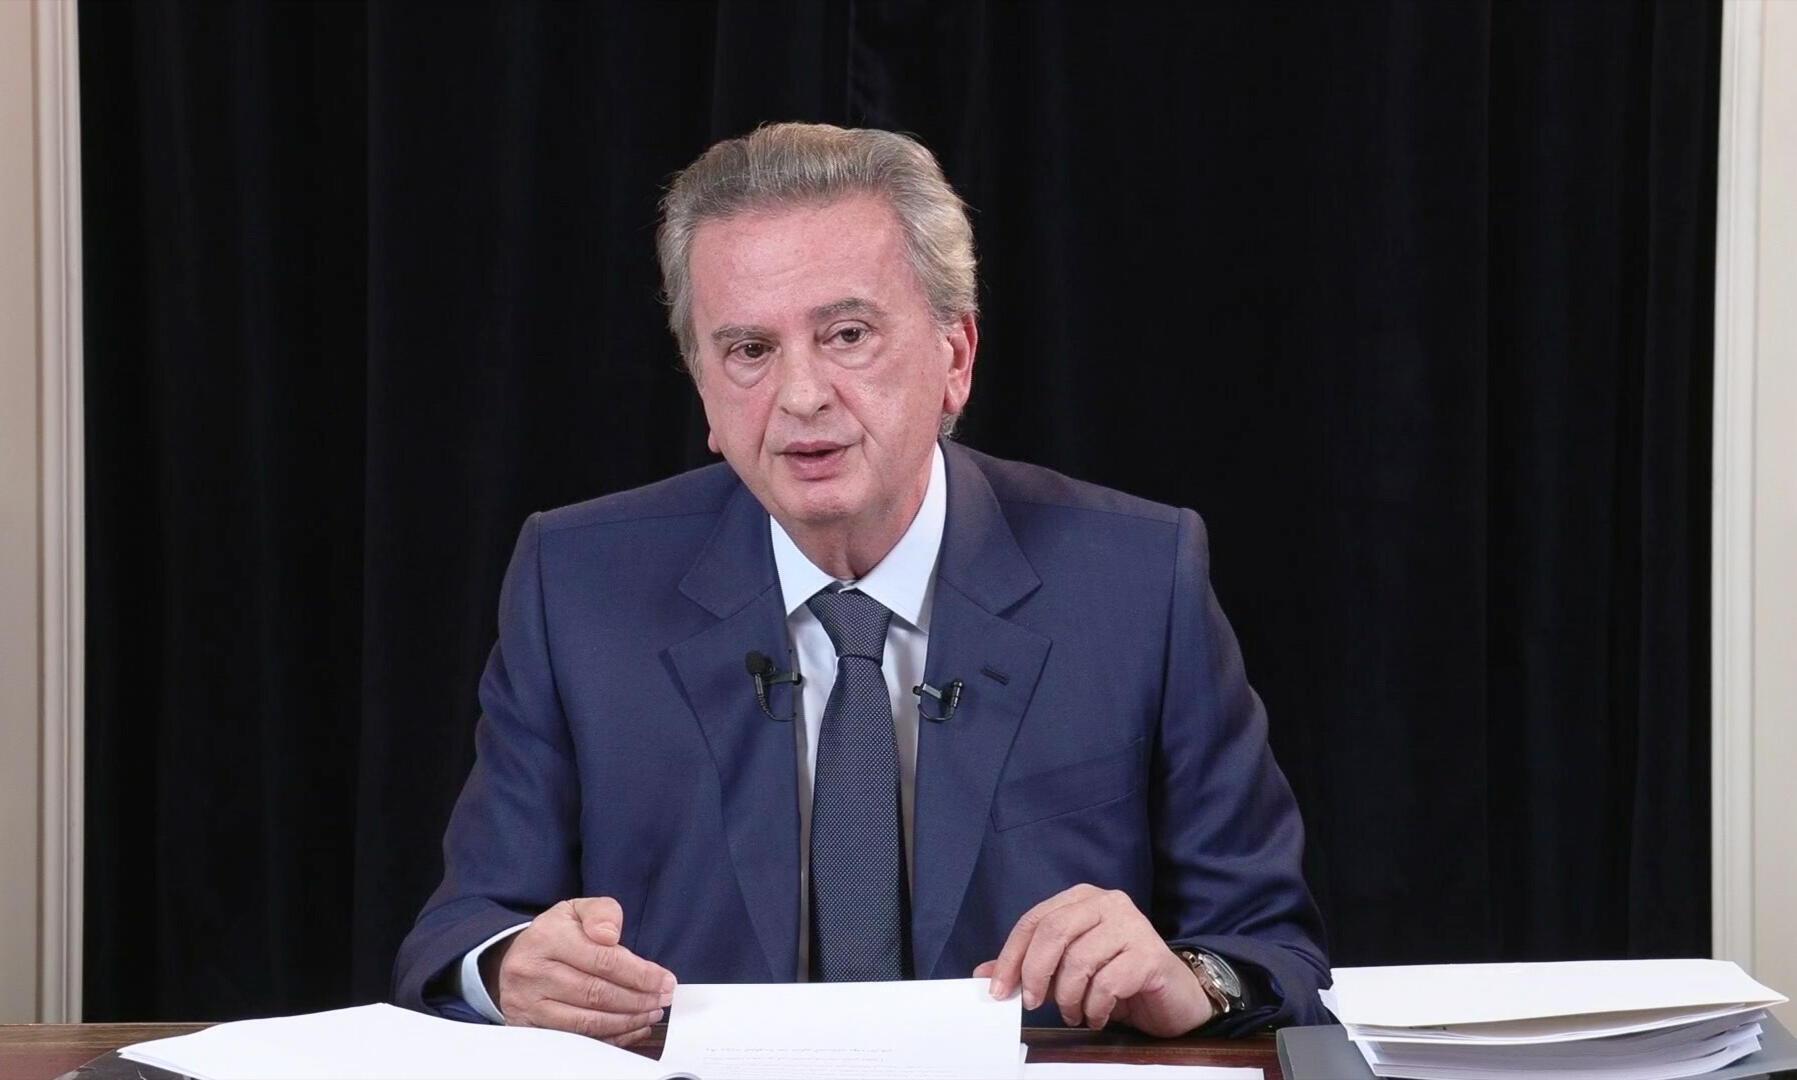 Riad Salamé, le gouverneur de la Banque du Liban, lors d'une vidéoconférence le 29 avril 2020.